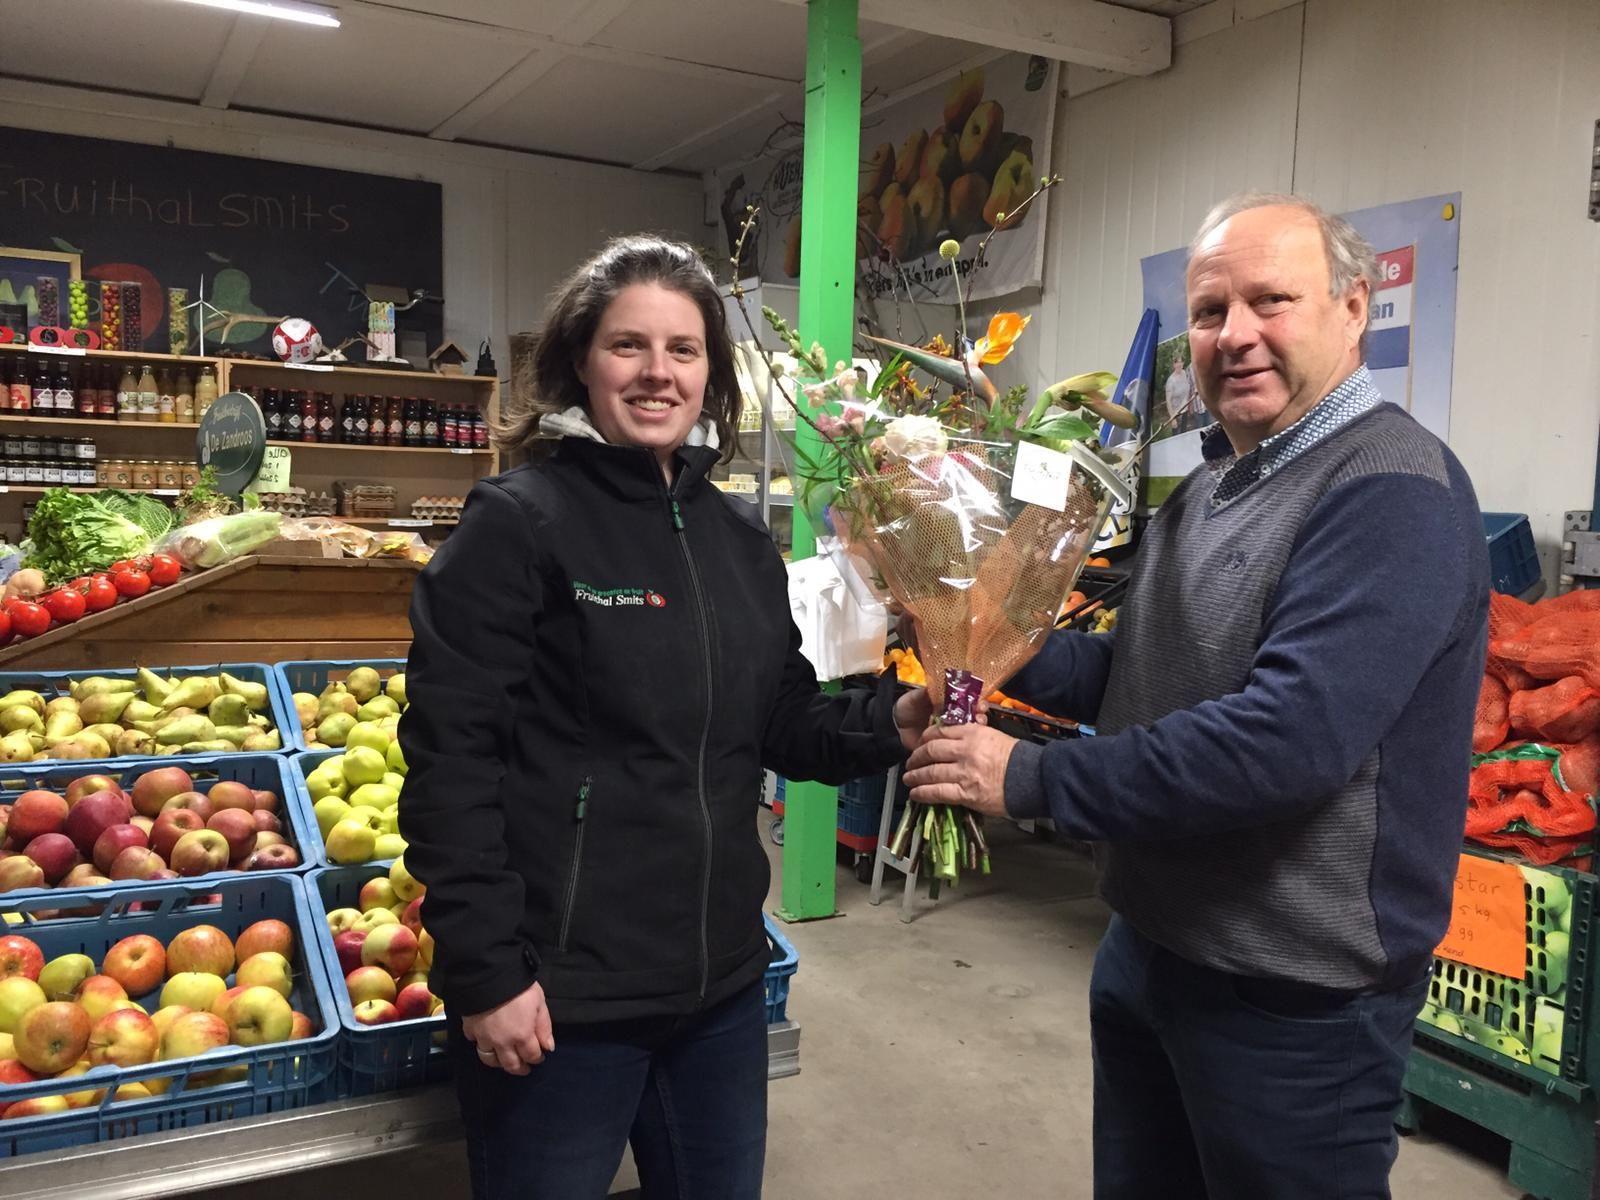 Fruithal Smits ontvangt van Zeewolde Zakelijk de aanmoedigingsprijs 2020!